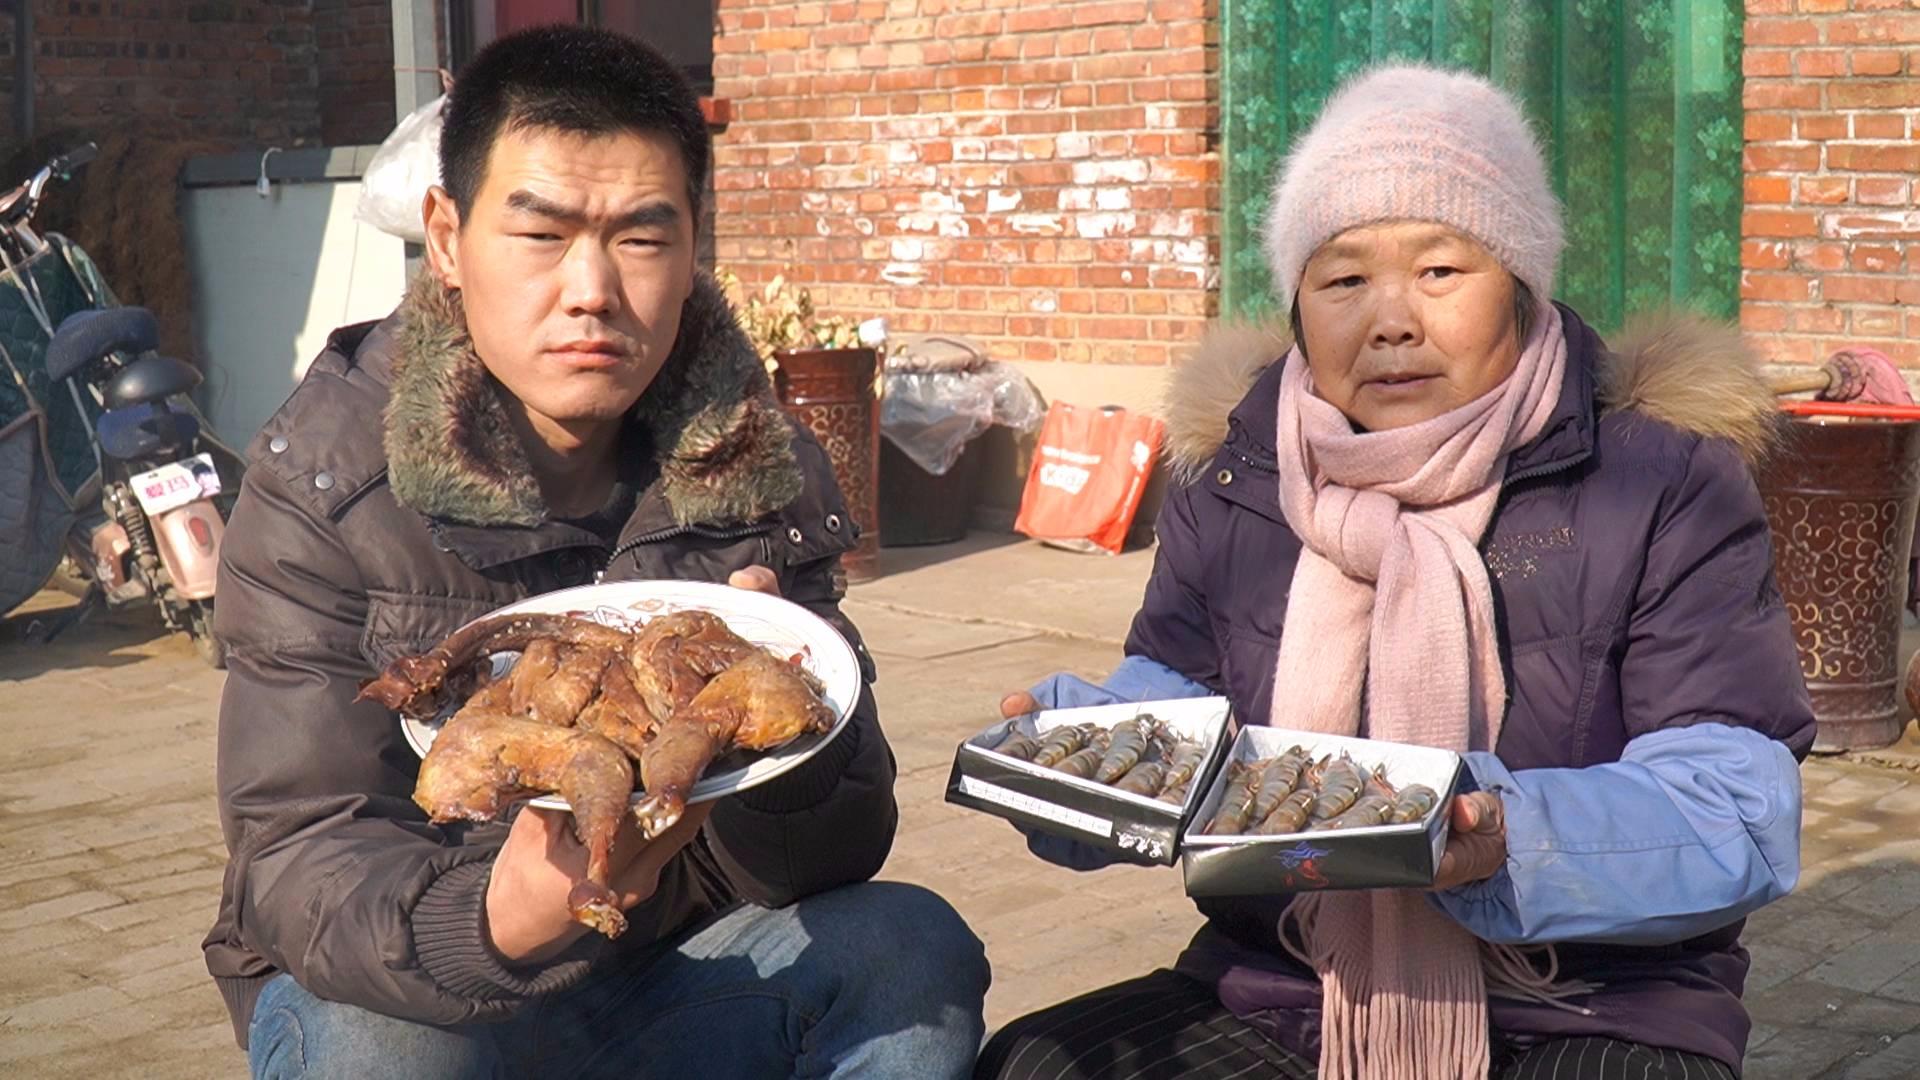 """粉丝送了袋""""风干鸡"""",阿远再蒸一盘""""黑虎虾"""",午饭吃点丰盛的"""